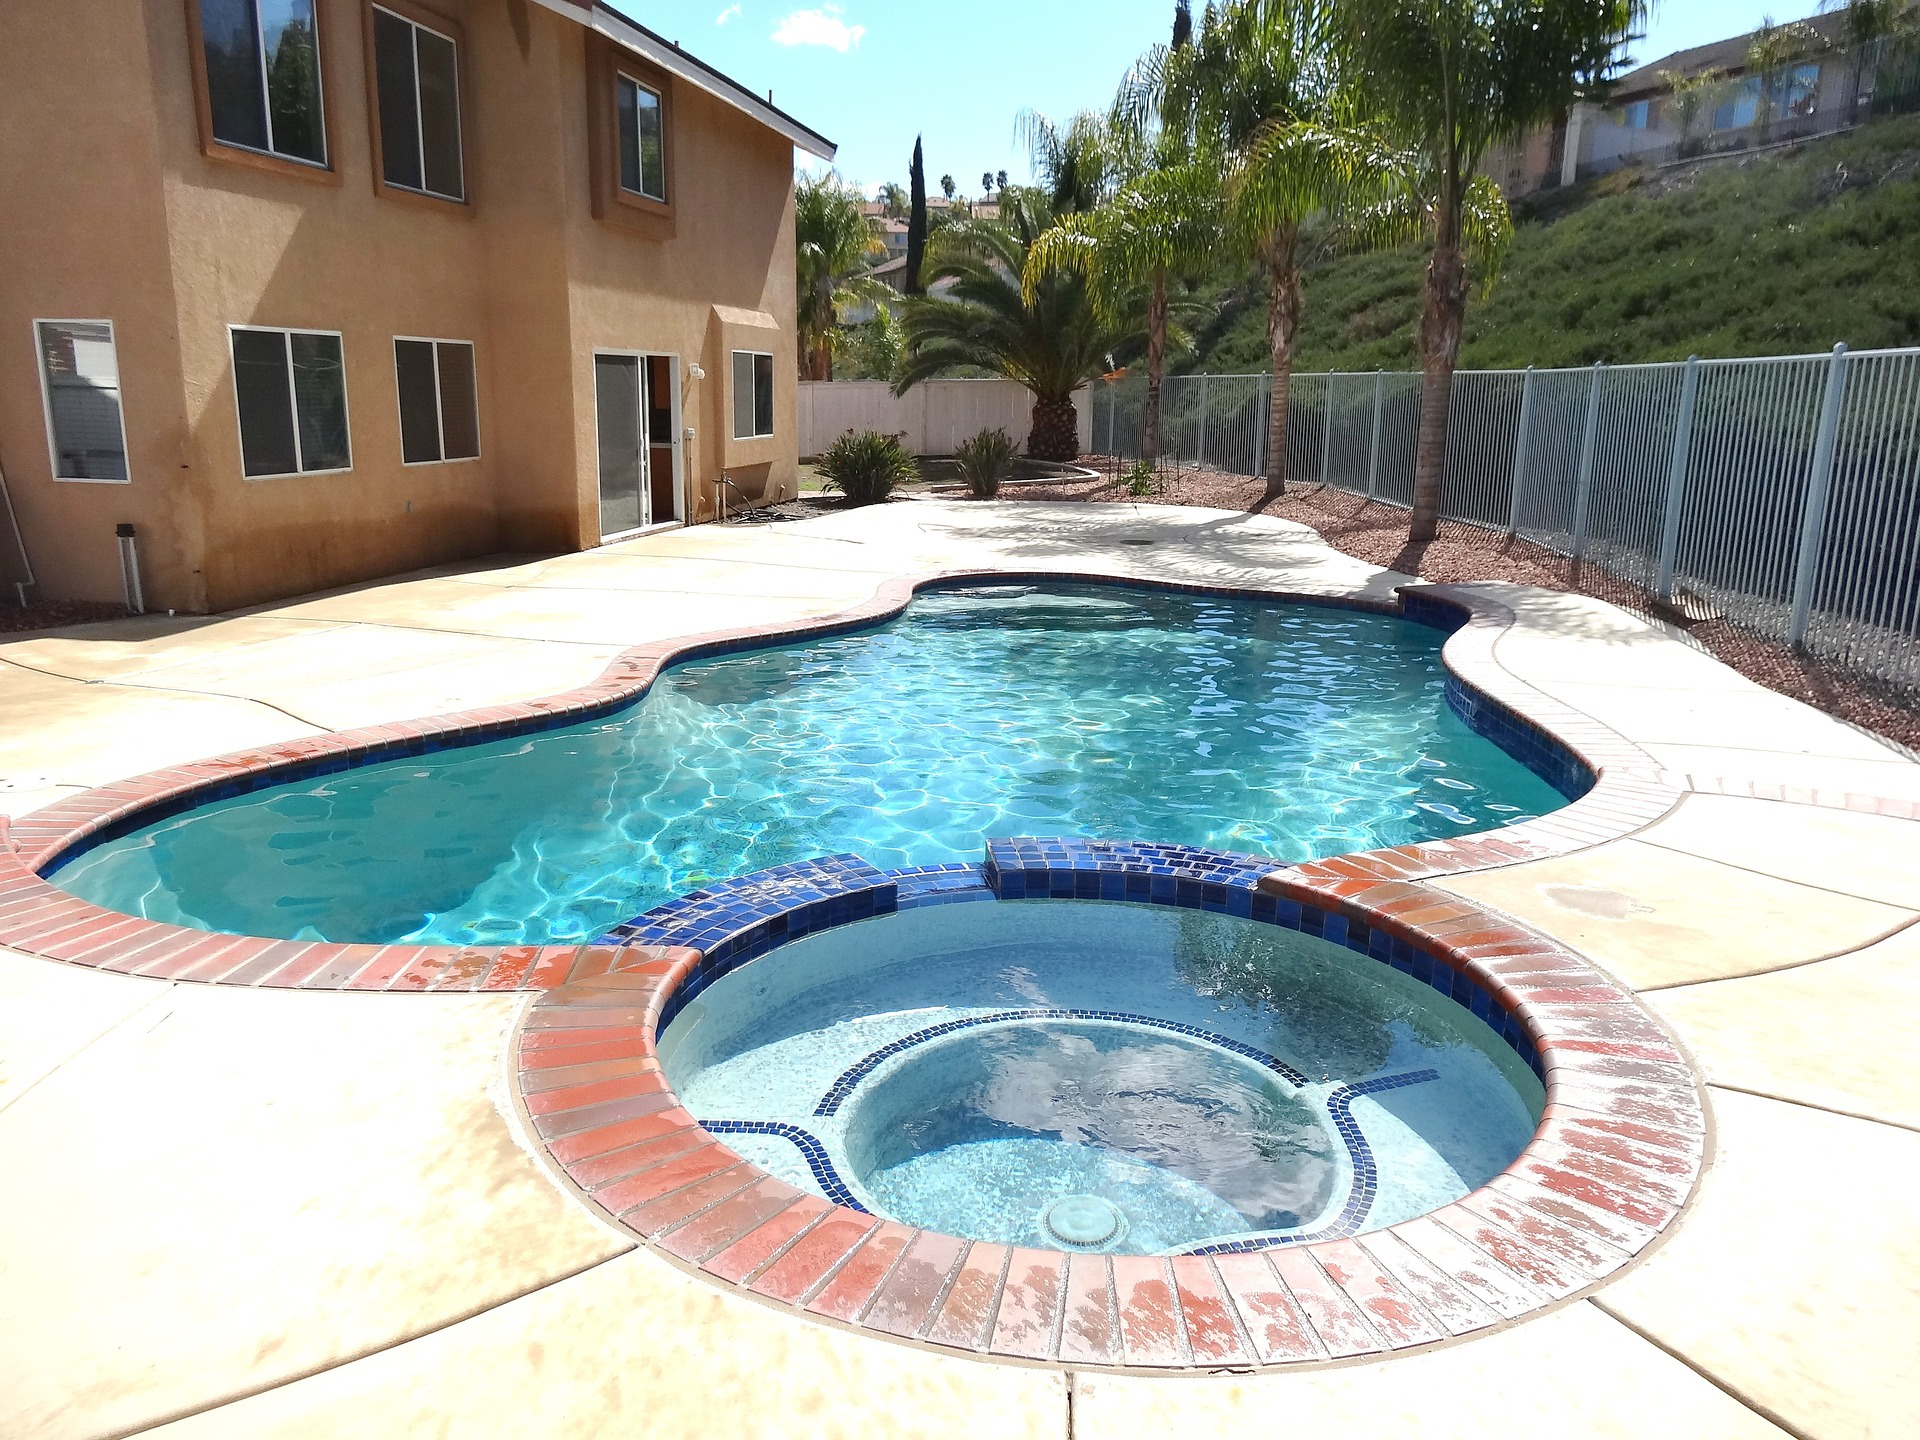 Per il 45% degli intervistati è essenziale una piscina con idromassaggio / Pixabay